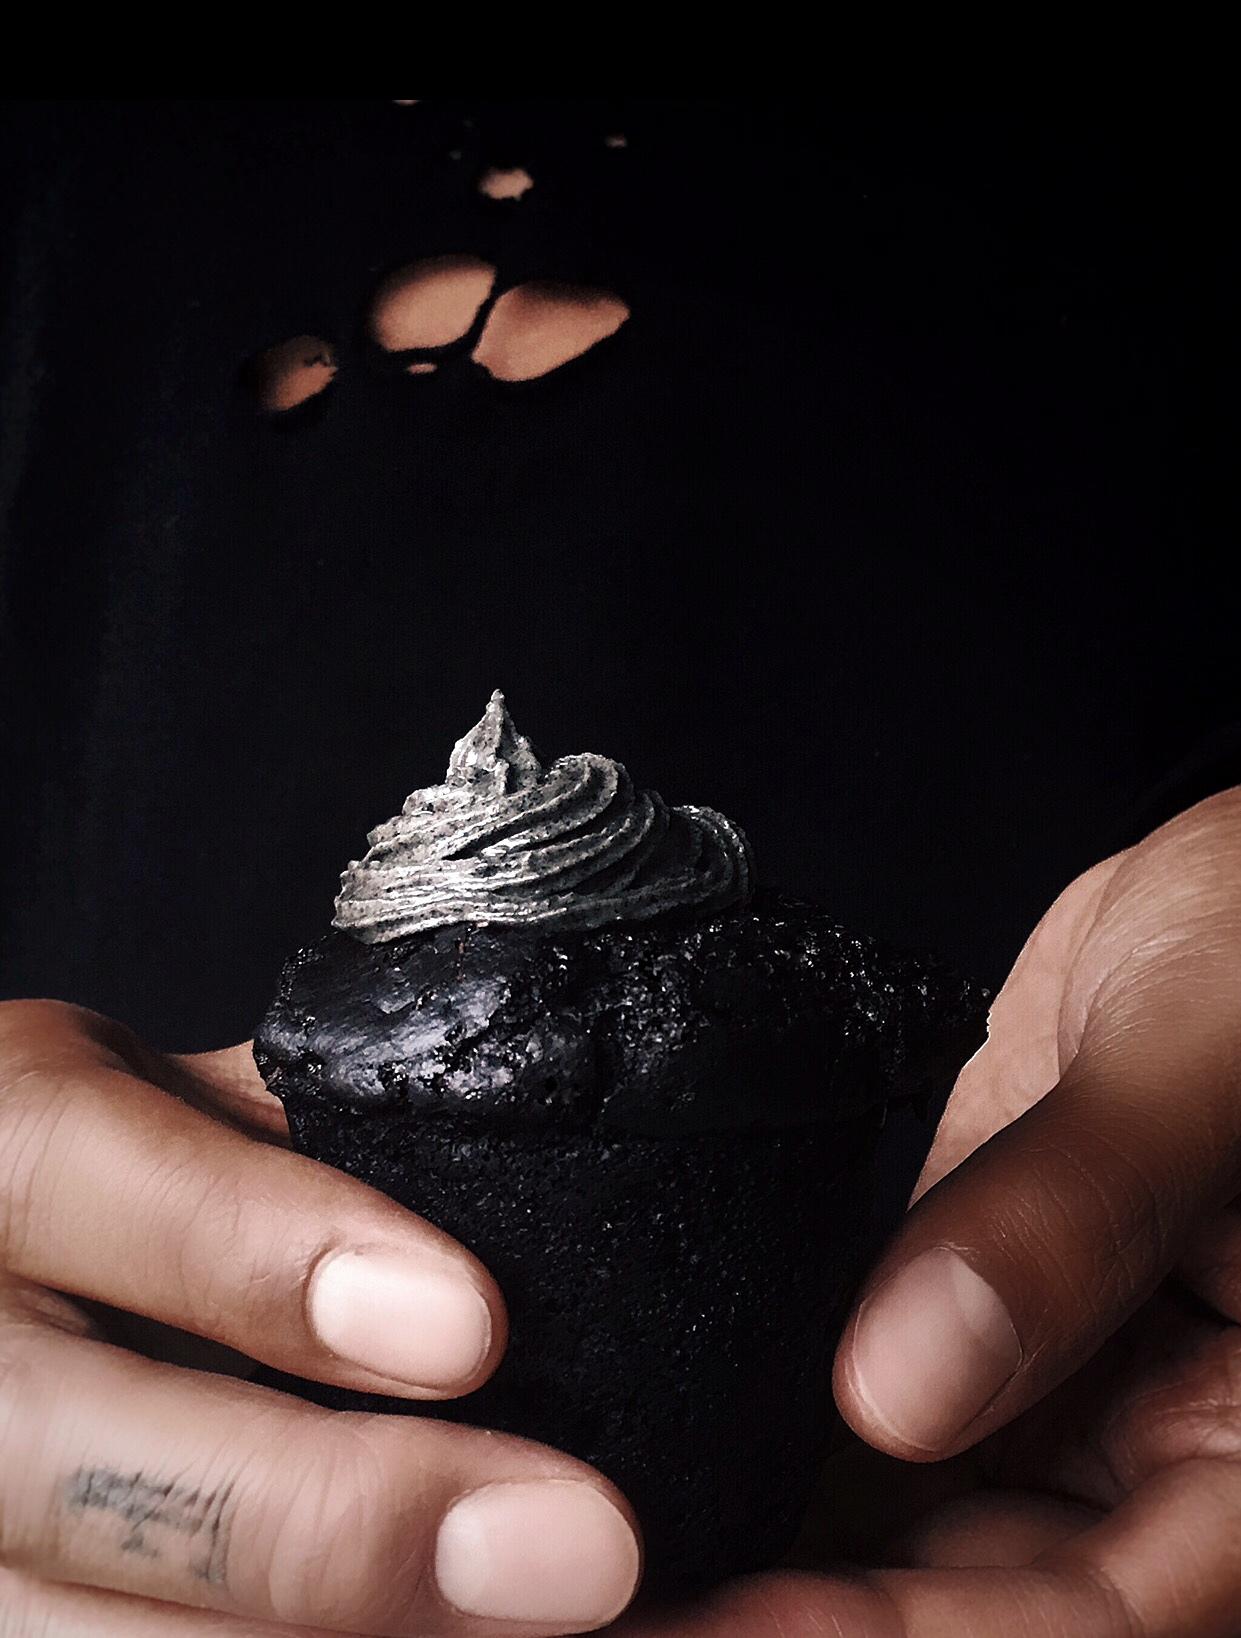 Black Muffin